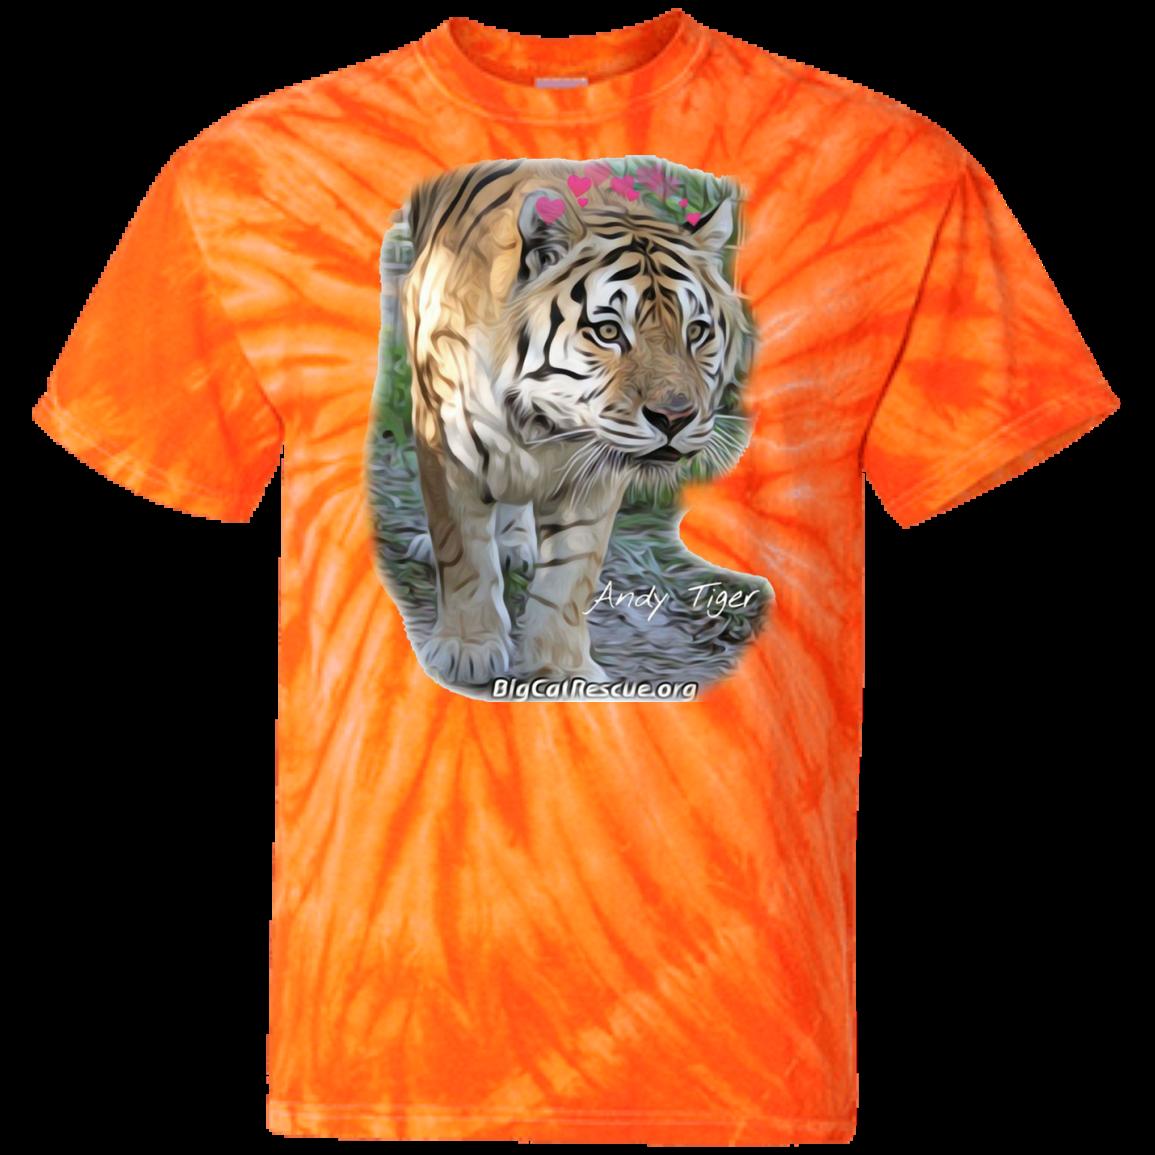 Love Andy Tiger 100 Cotton Tie Dye TShirt Dye t shirt